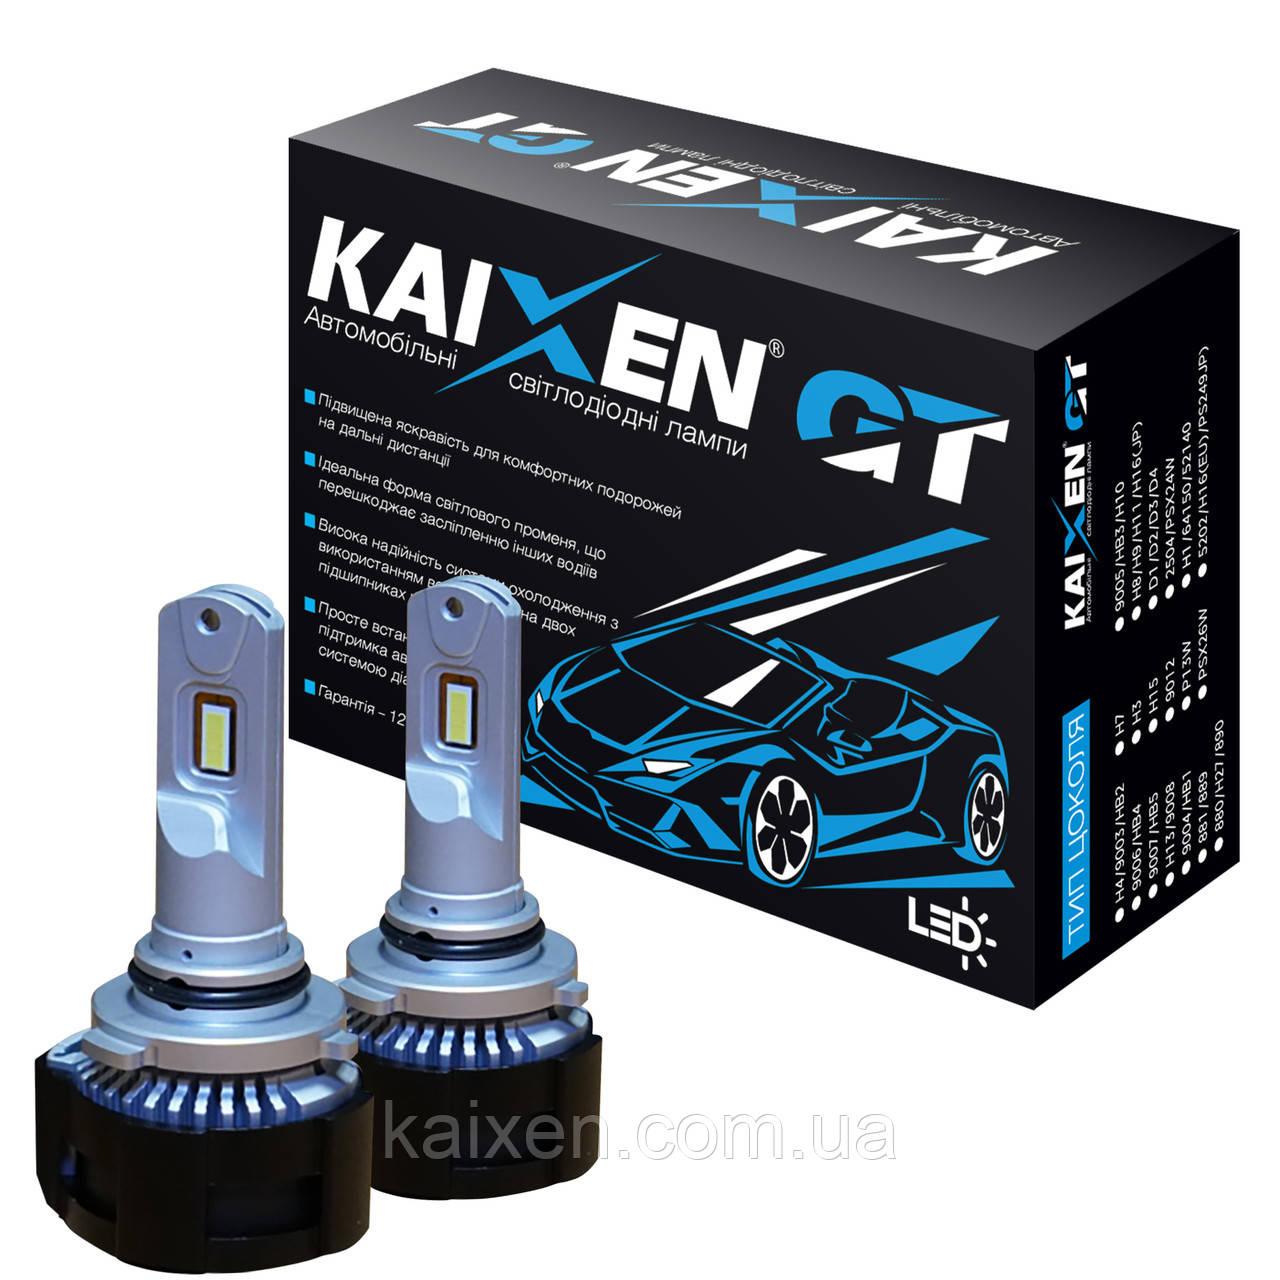 Світлодіодні лампи HB4/9006 50W-6000K KAIXEN GT